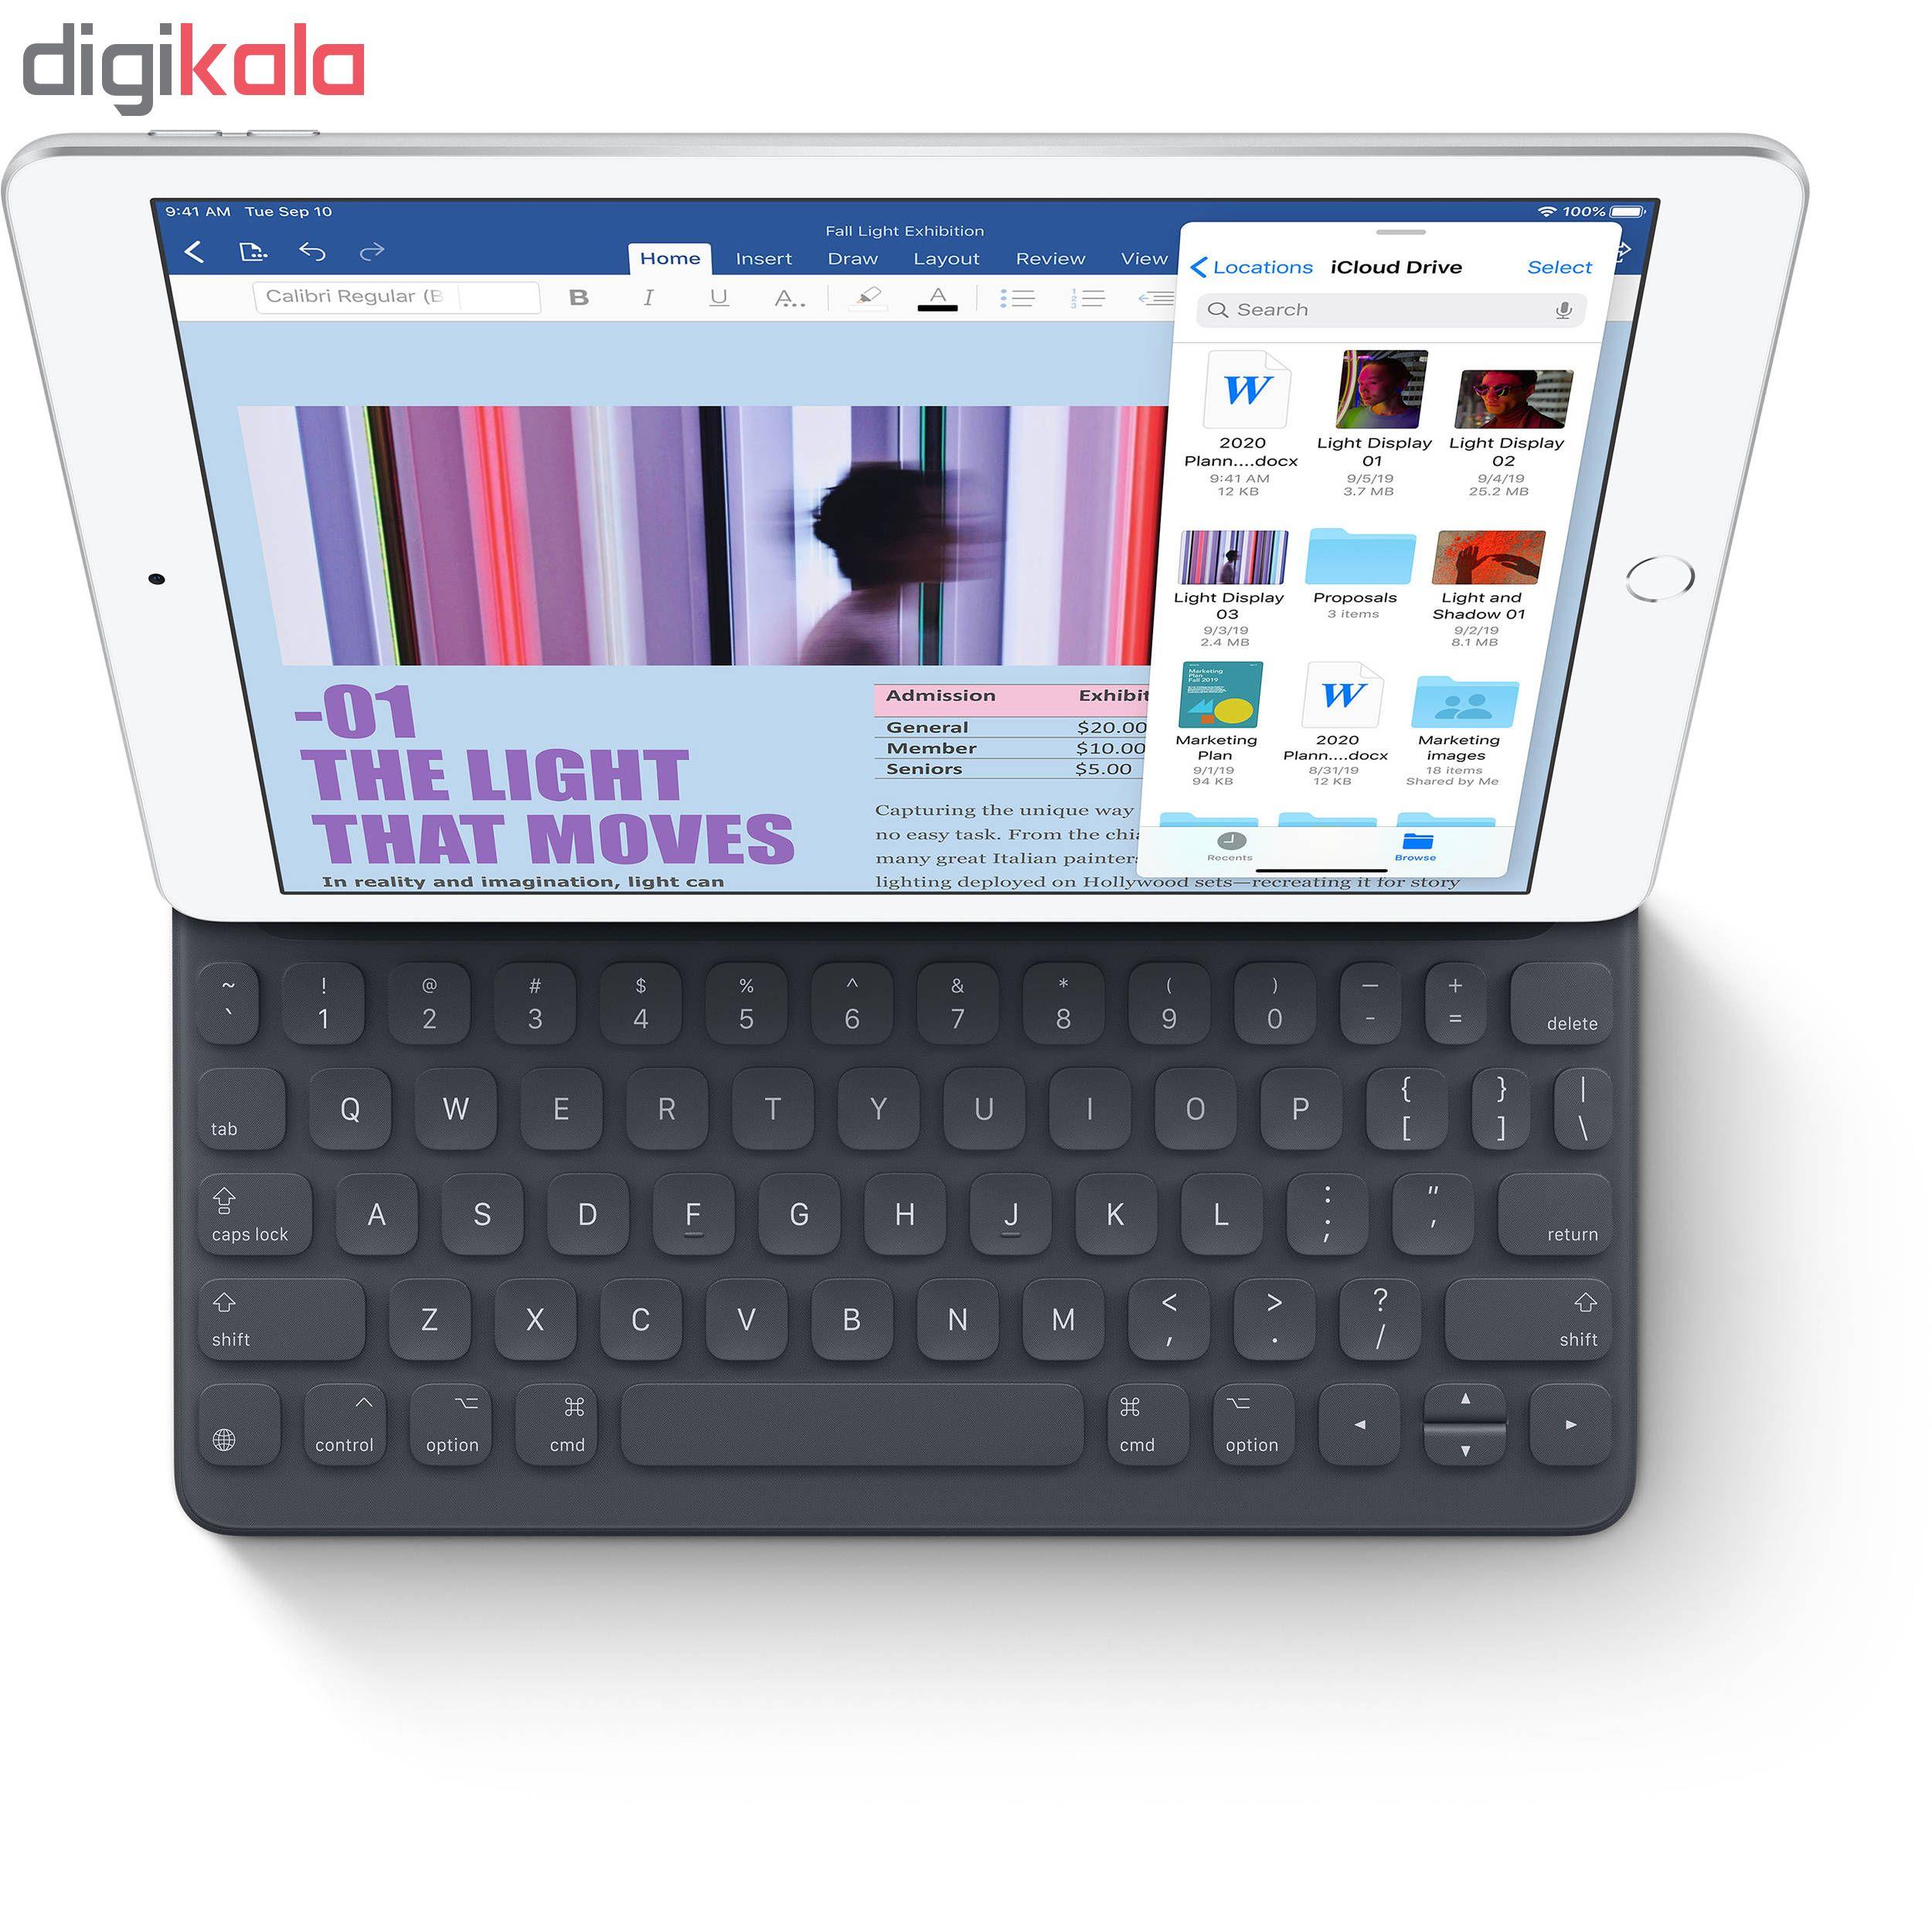 تبلت اپل مدل iPad 10.2 inch 2019 WiFi ظرفیت 32 گیگابایت main 1 11